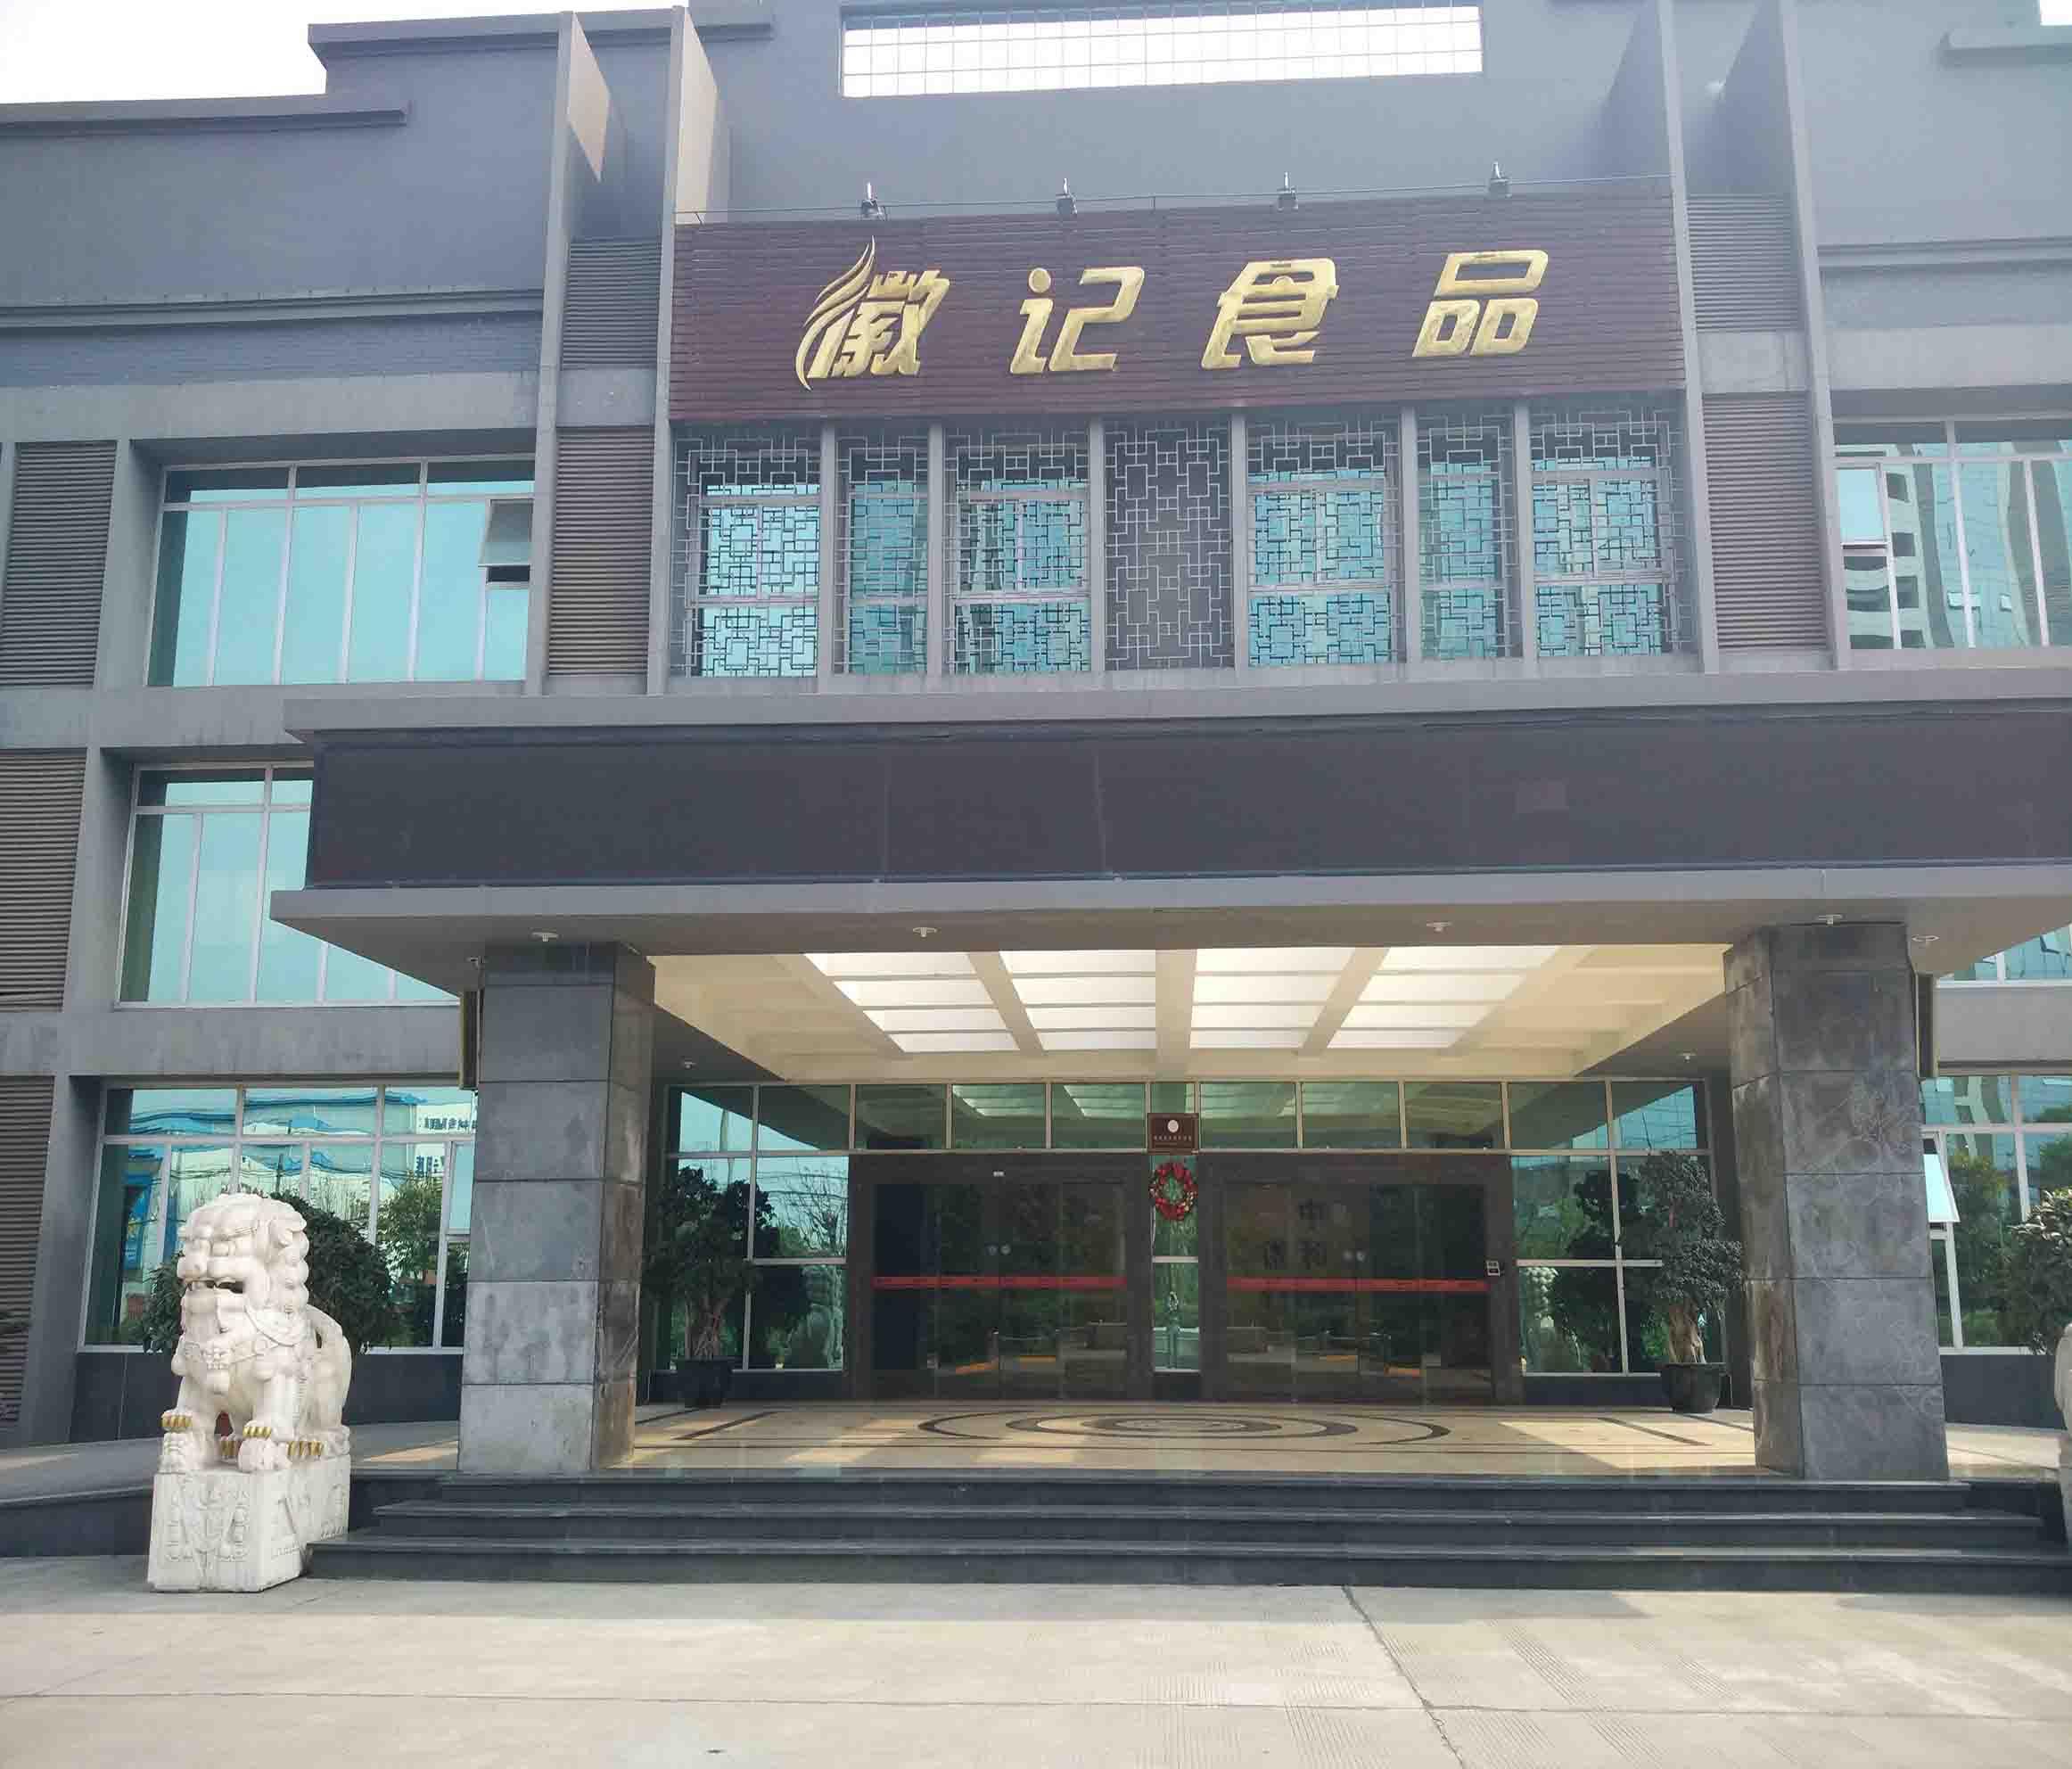 四川徽记食品股份有限公司导热油炉清洗案例分享